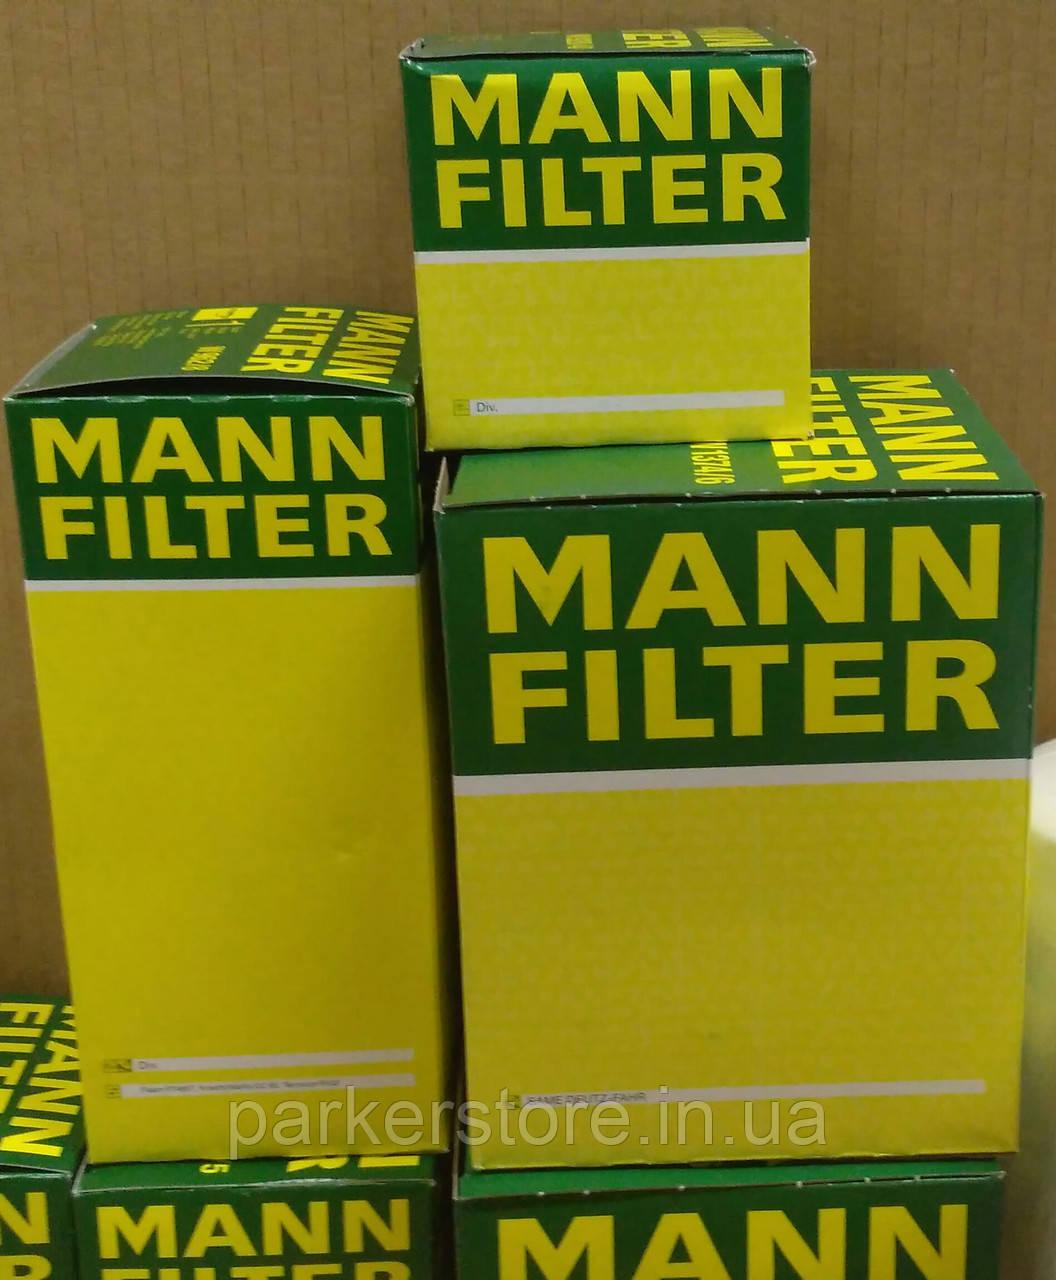 MANN FILTER / Повітряний фільтр / C 12 116/2 / C12116/2